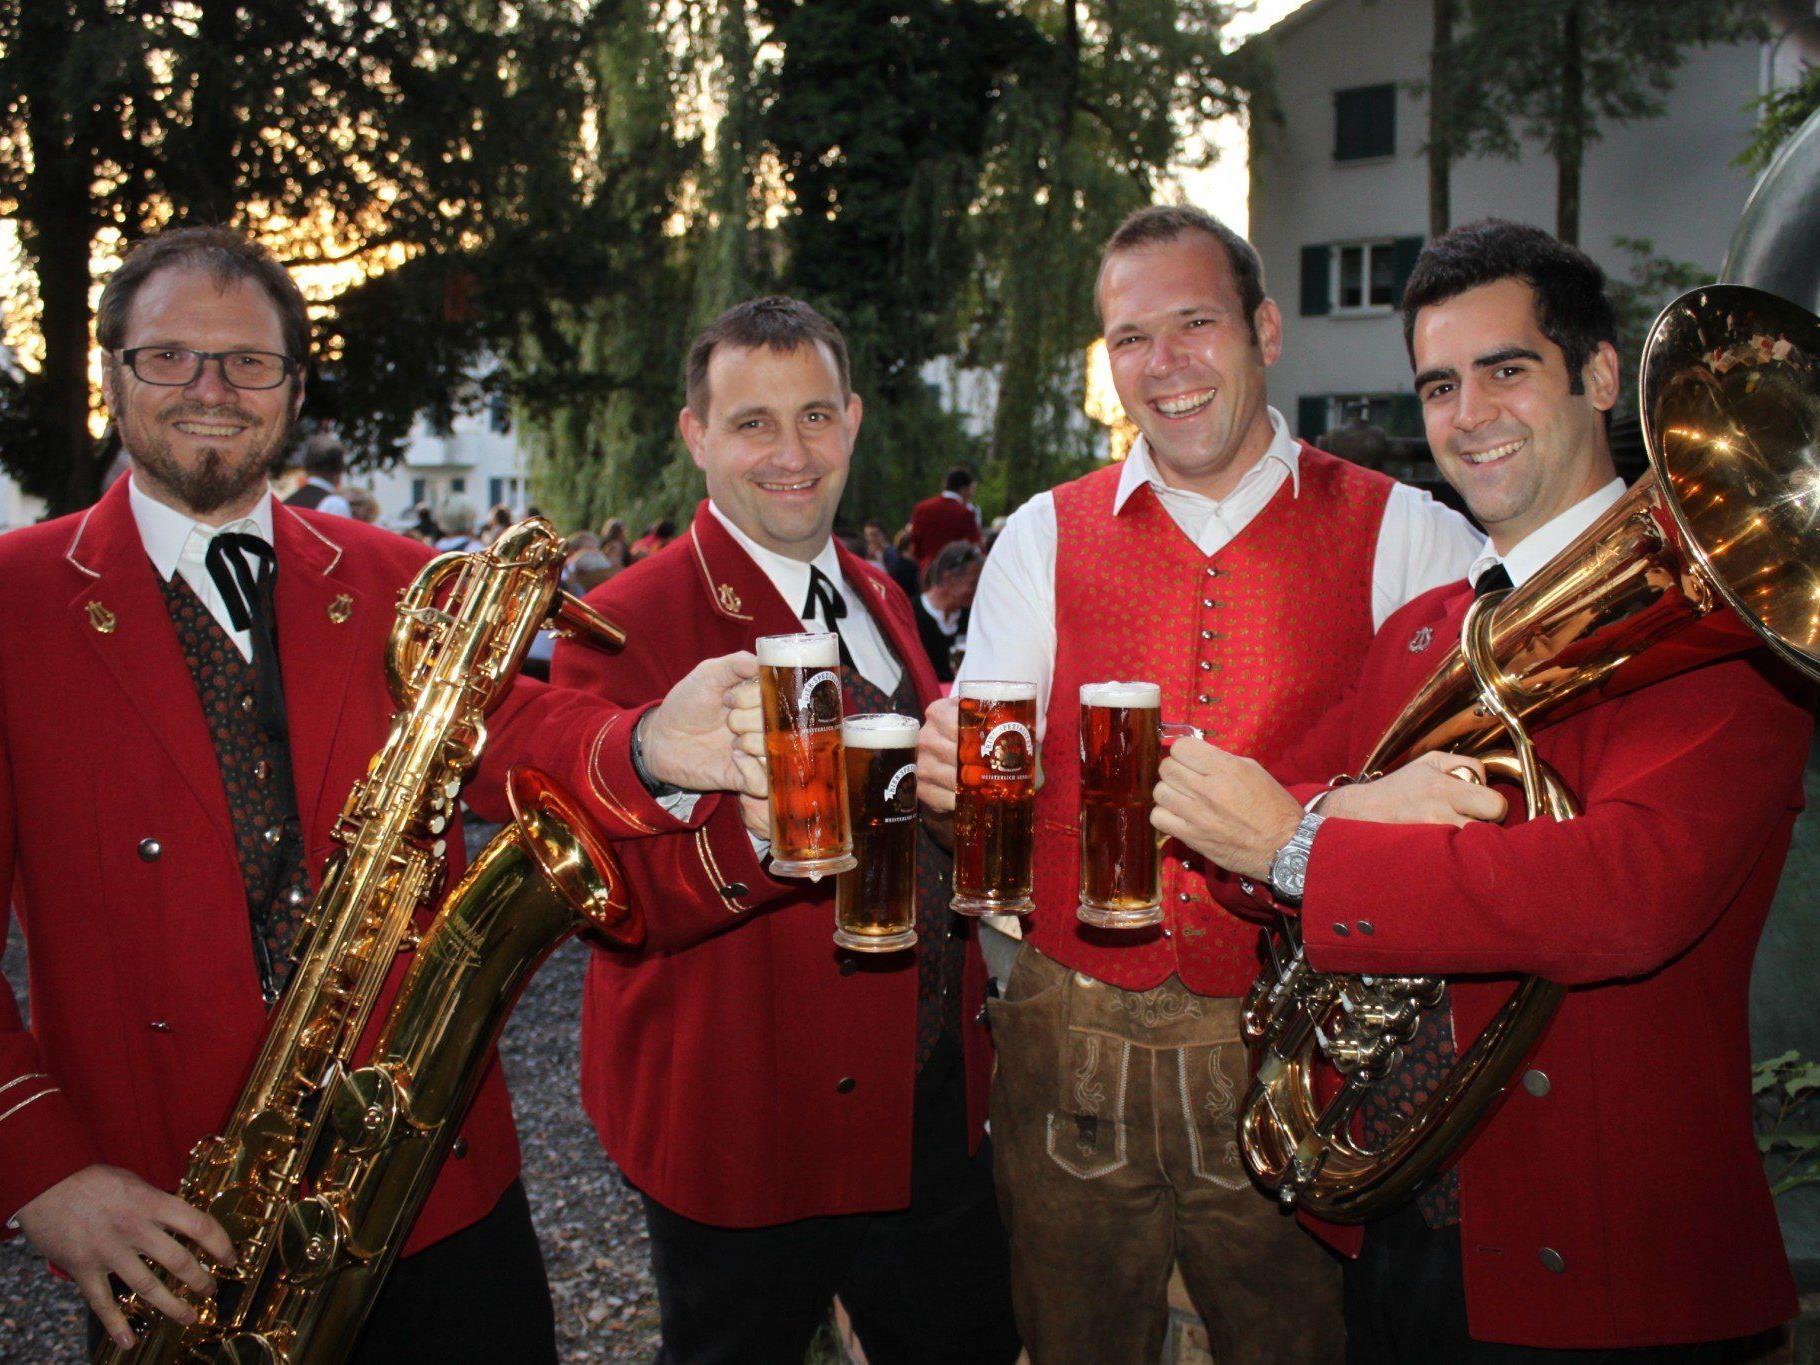 Der Musikverein Lochau und Gastwirt Philipp Rainer laden am Freitag zum Dämmerschoppen.